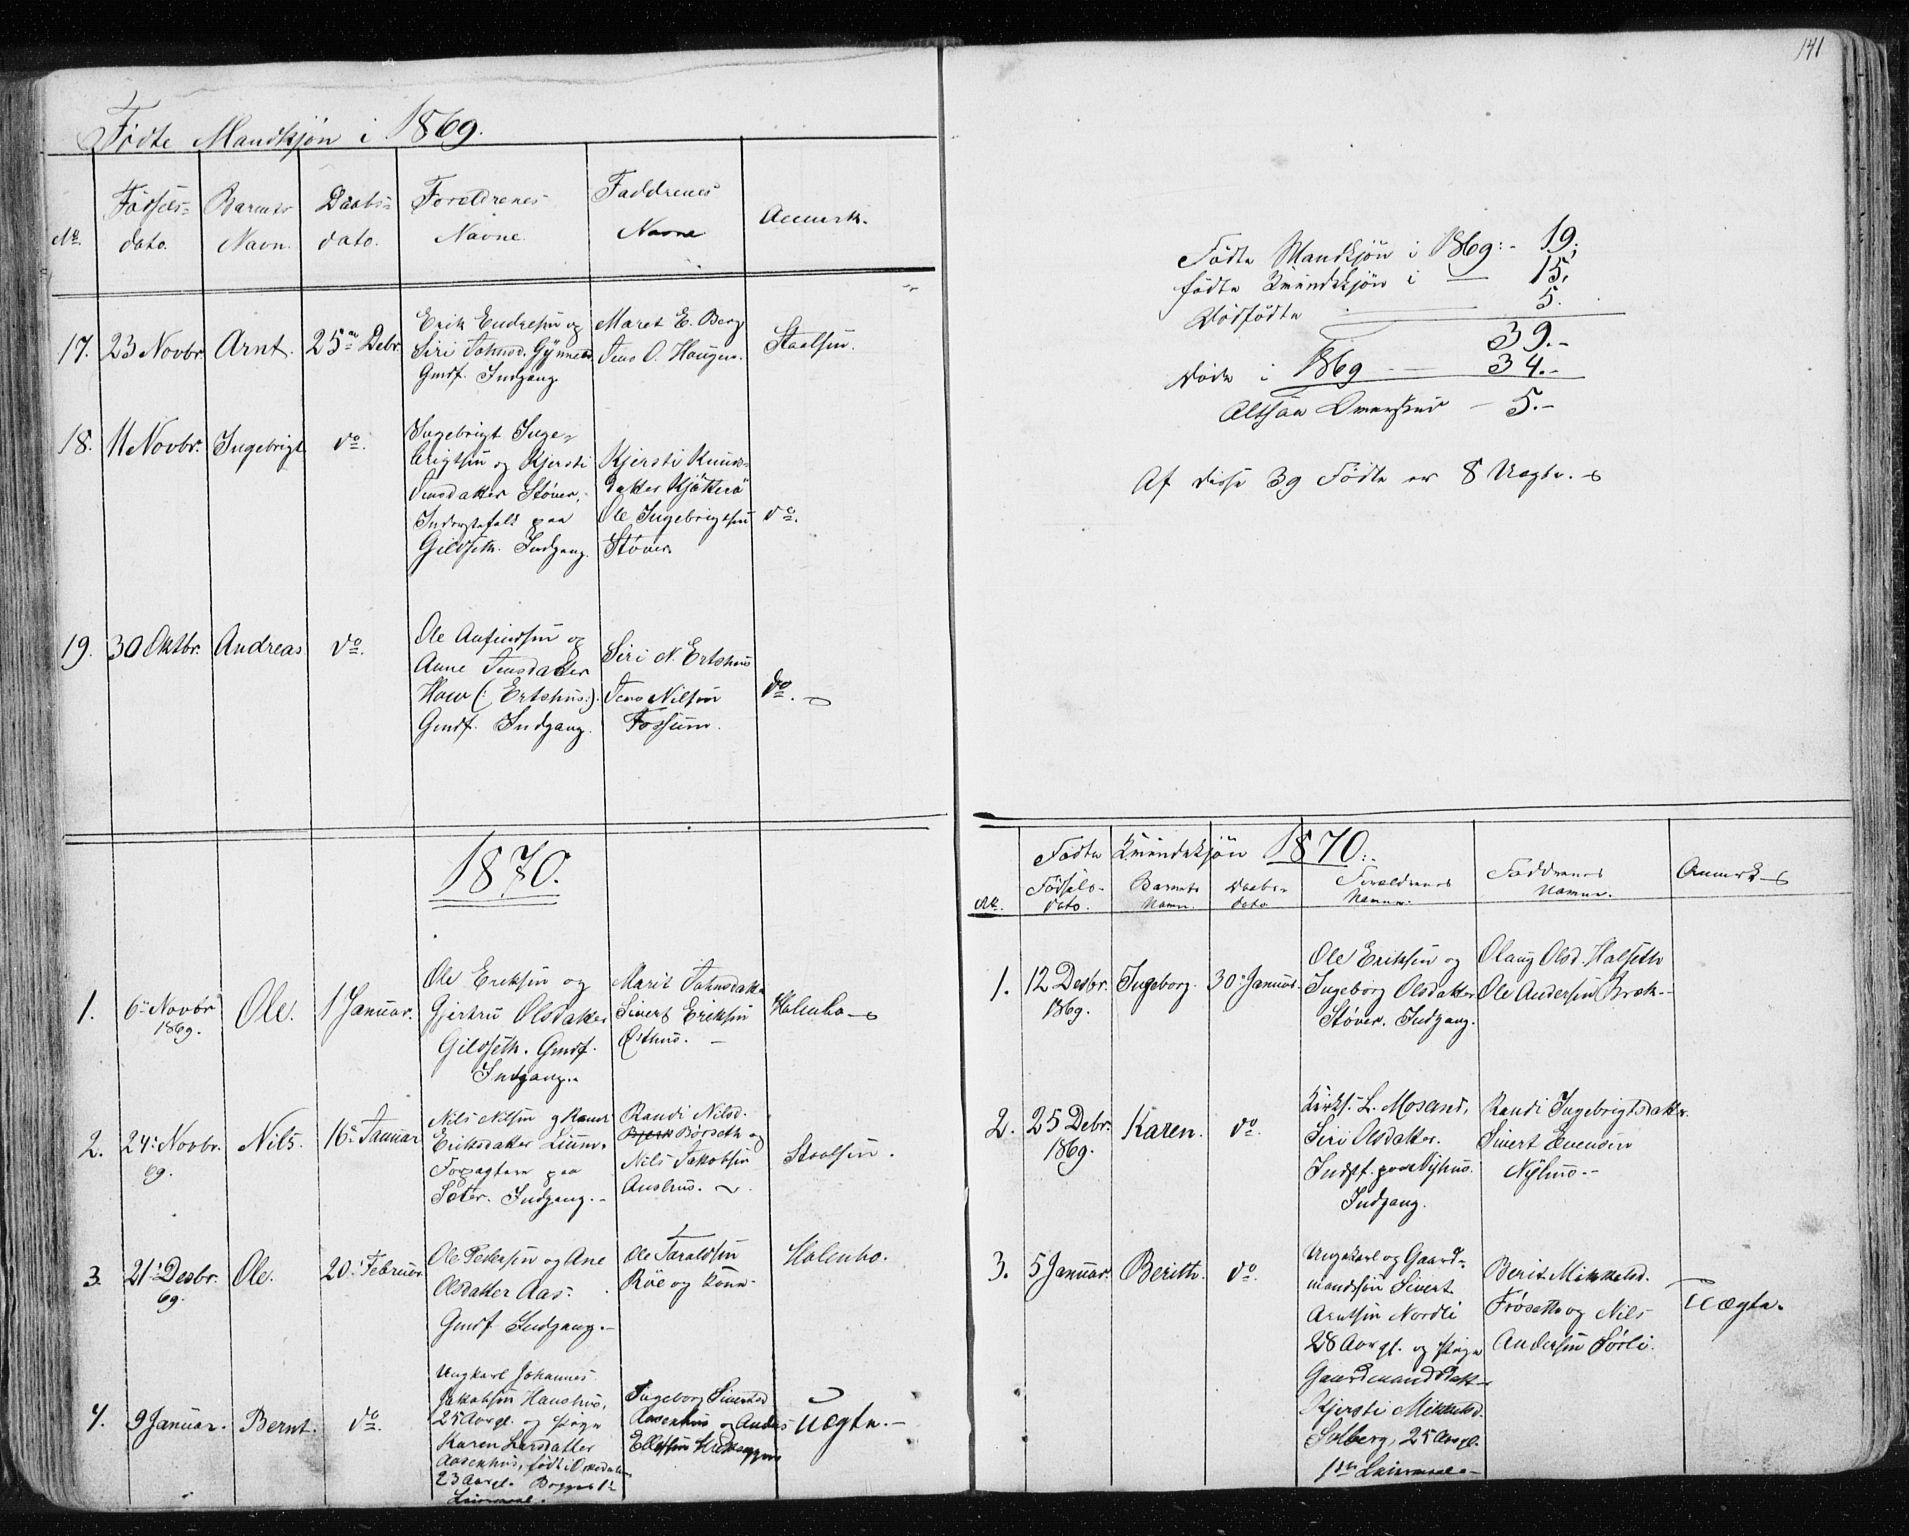 SAT, Ministerialprotokoller, klokkerbøker og fødselsregistre - Sør-Trøndelag, 689/L1043: Klokkerbok nr. 689C02, 1816-1892, s. 141